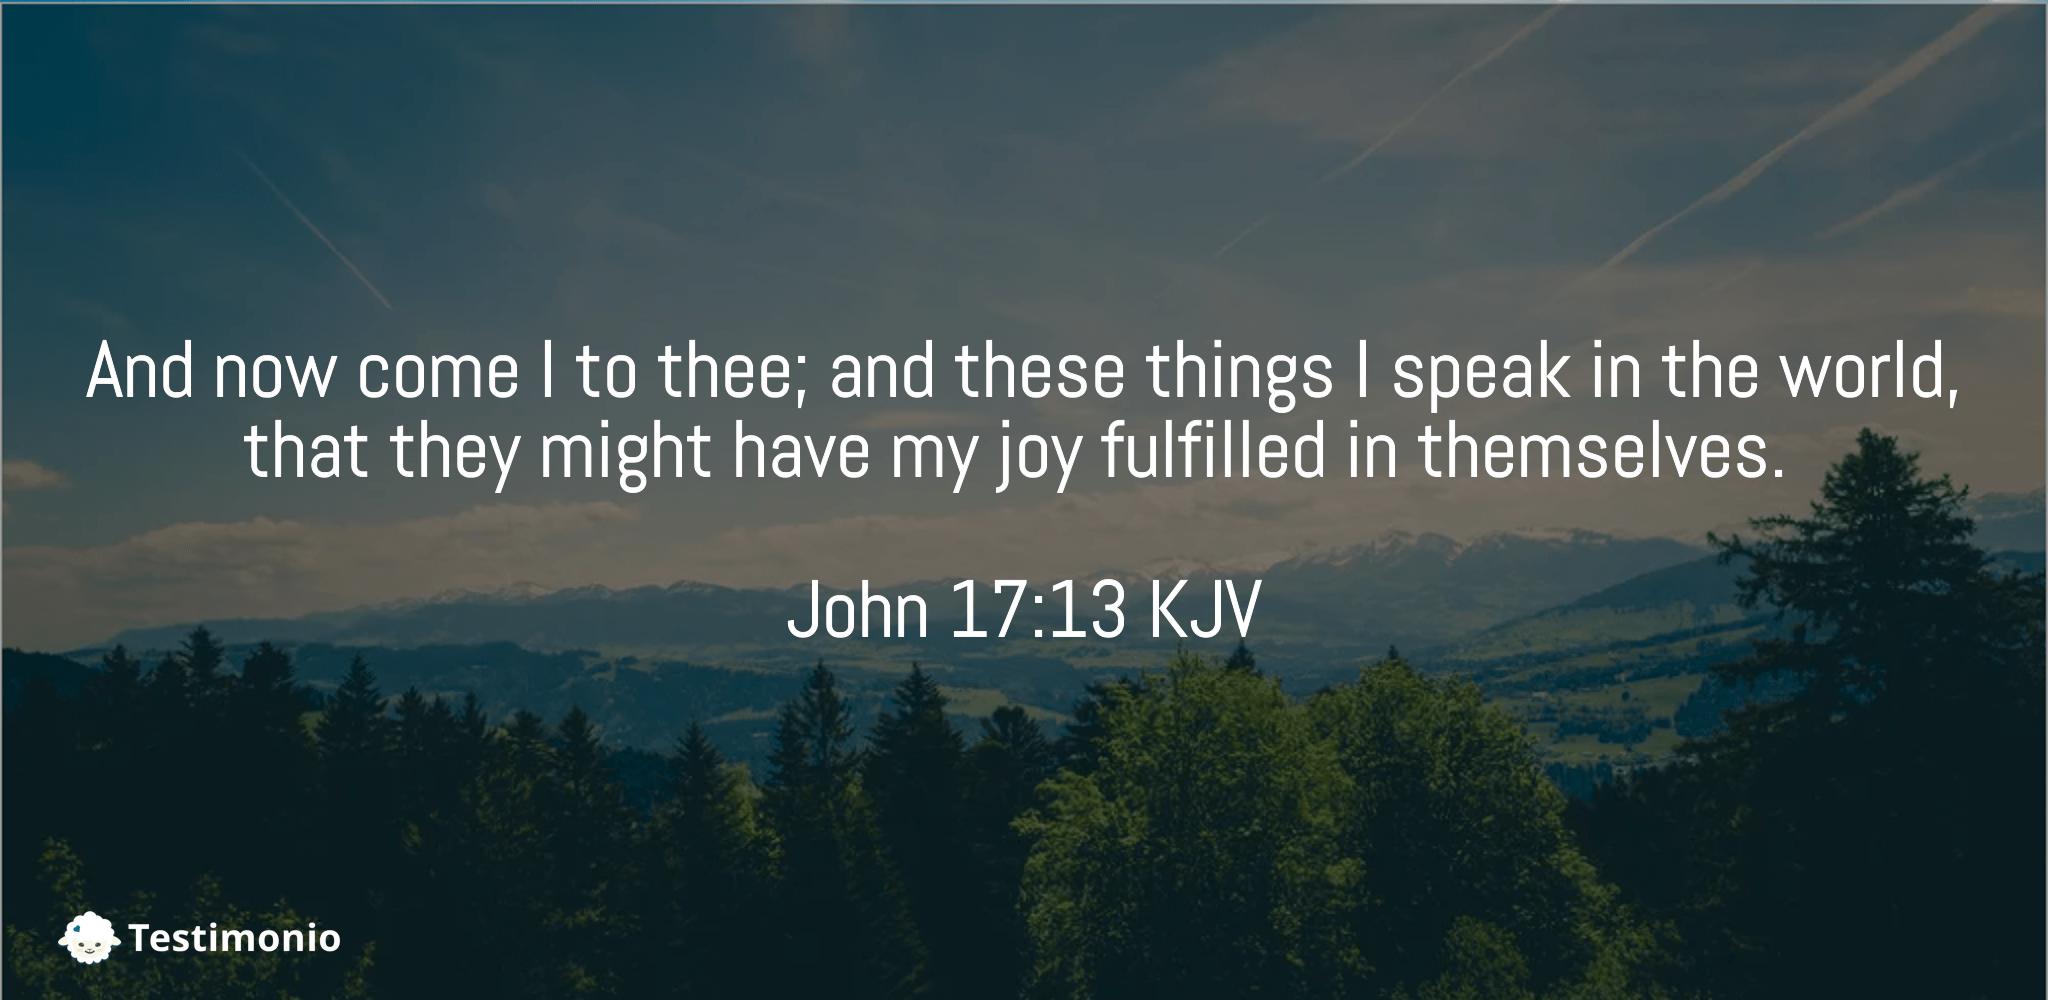 John 17:13